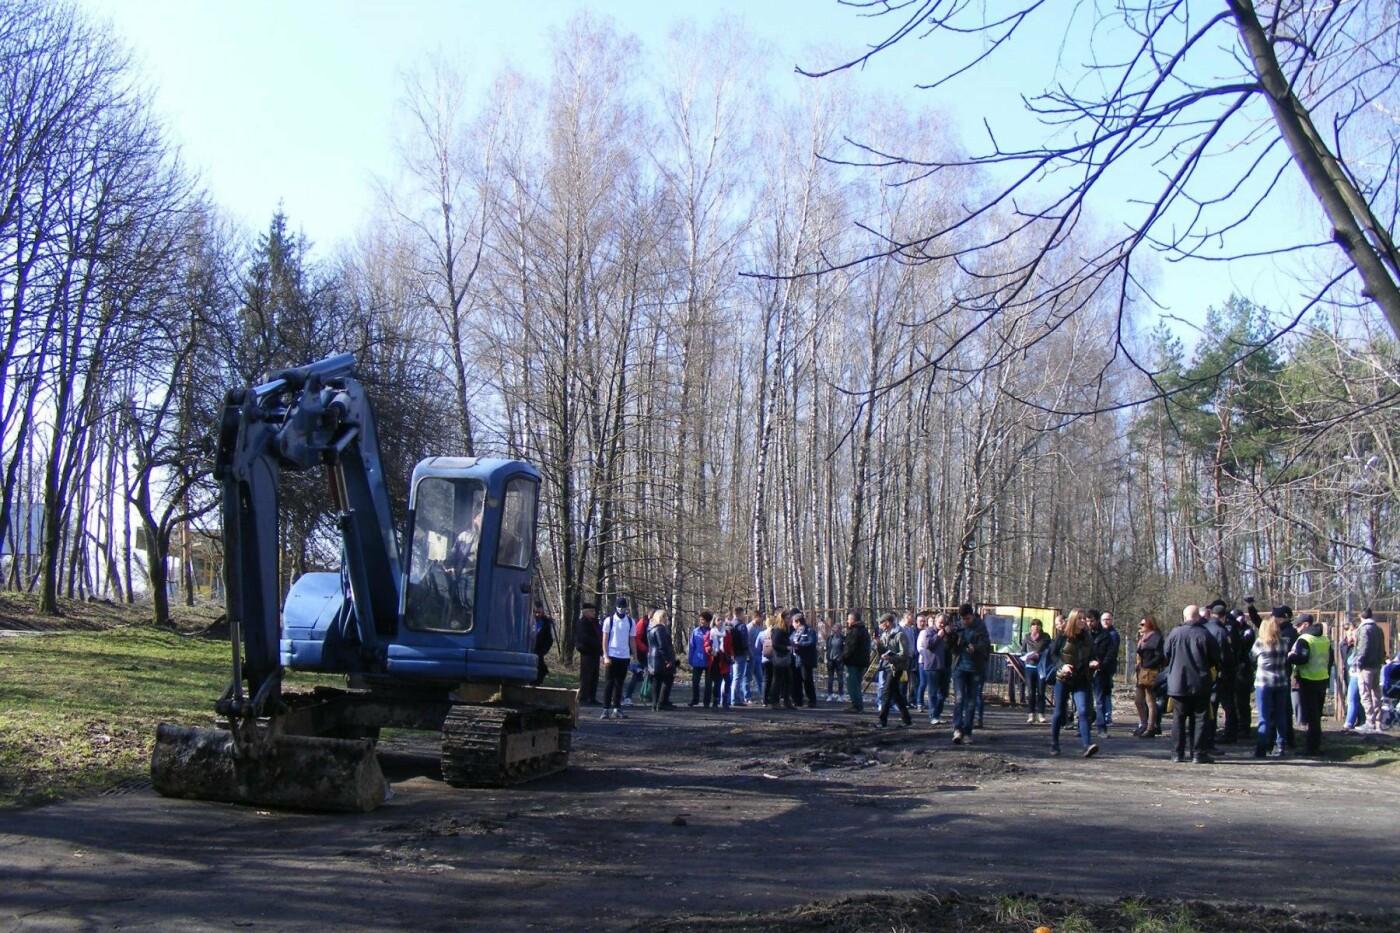 Активісти вкотре зупинили будівництво у парку Національного відродження (Фото), фото-5